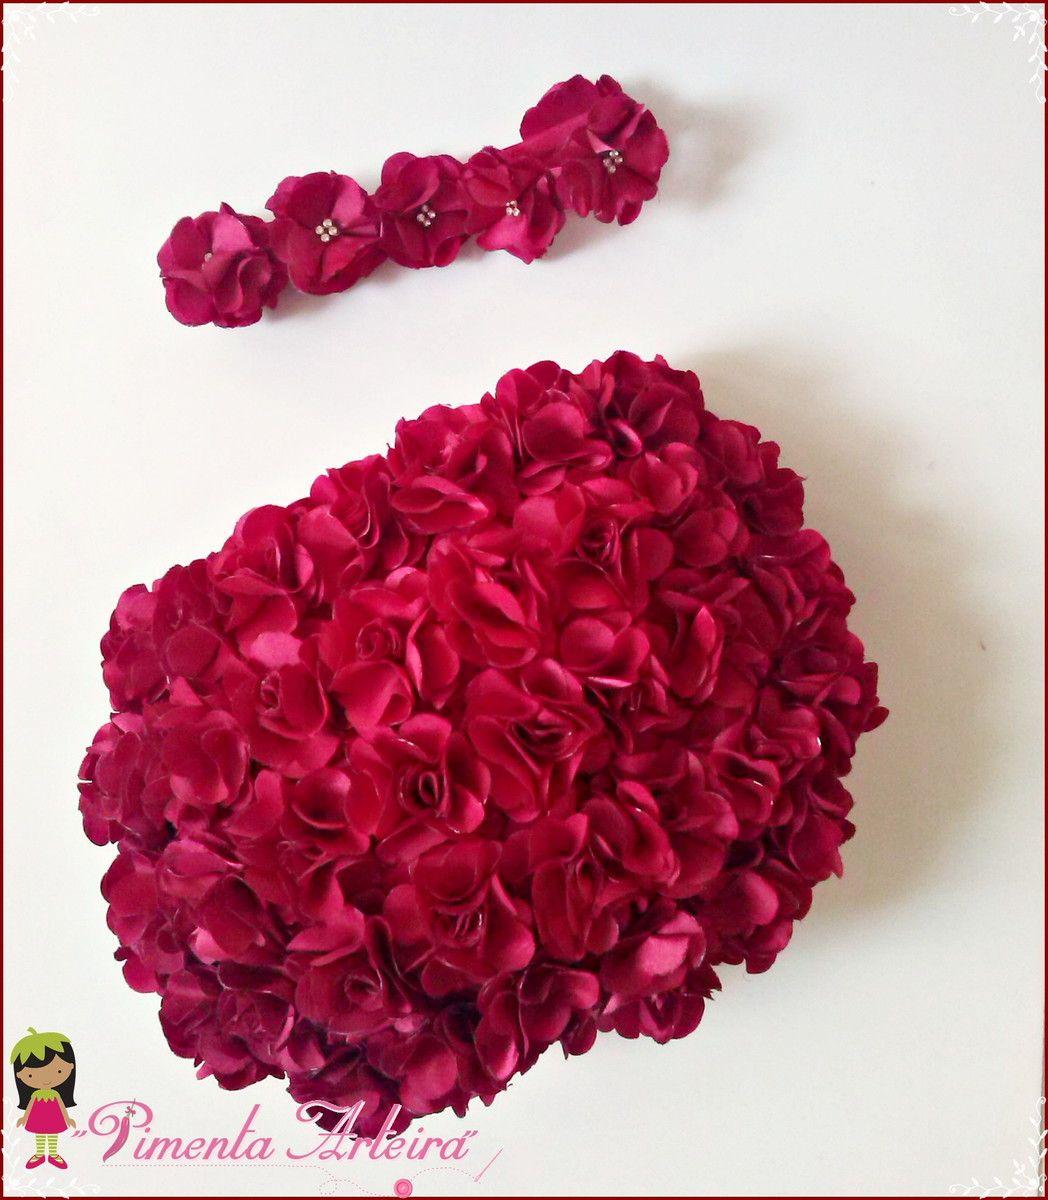 cb502b870 Kit contendo 1 calcinha de cetim decorada com flores e 1 tiara de flores  disponível em